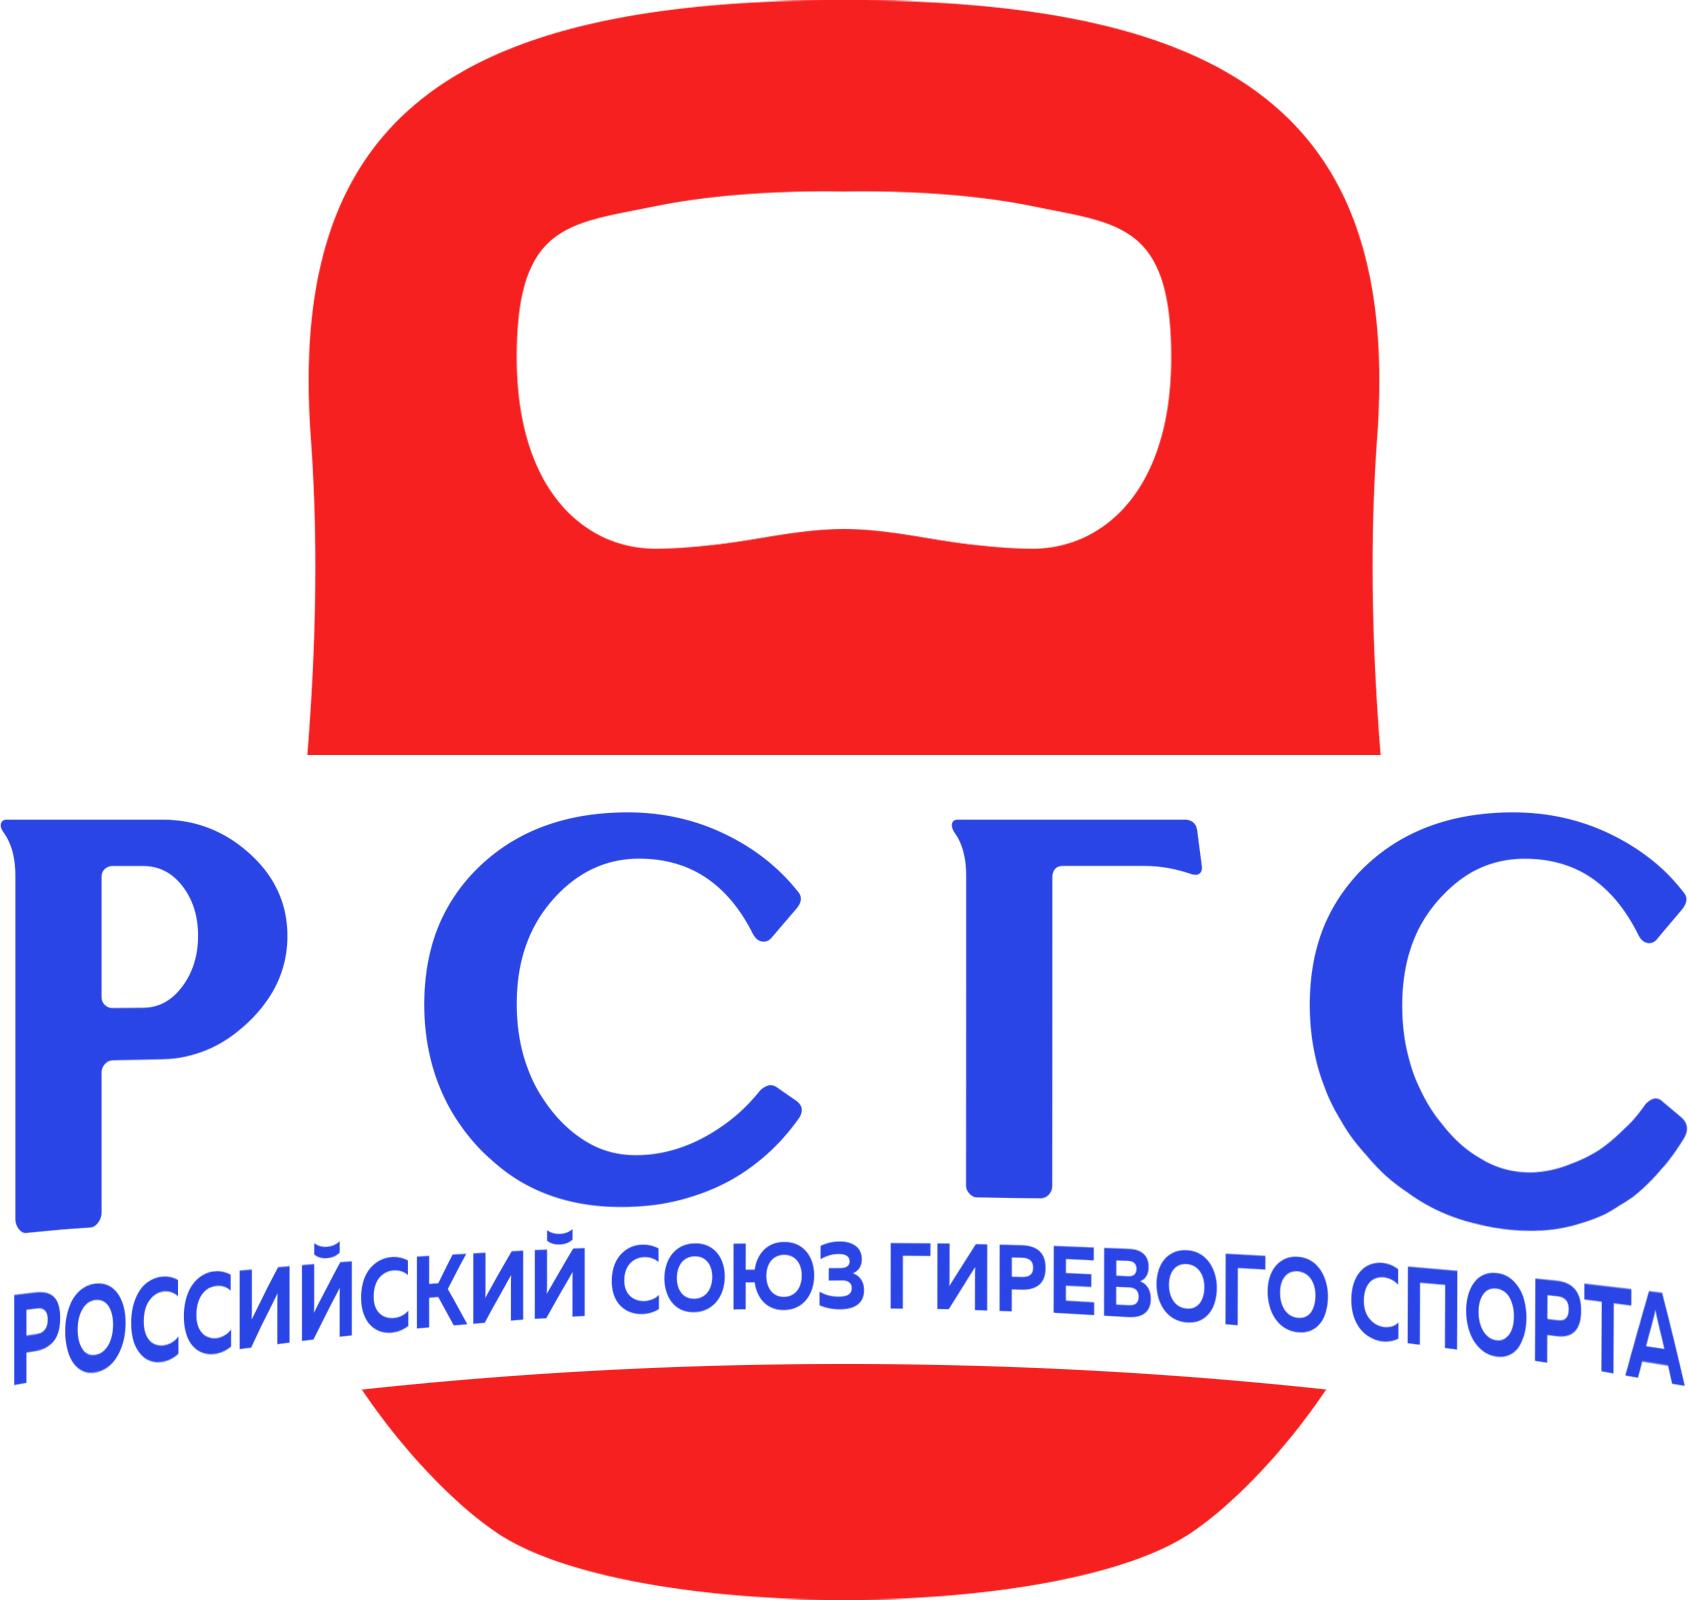 Российский союз гиревого спорта